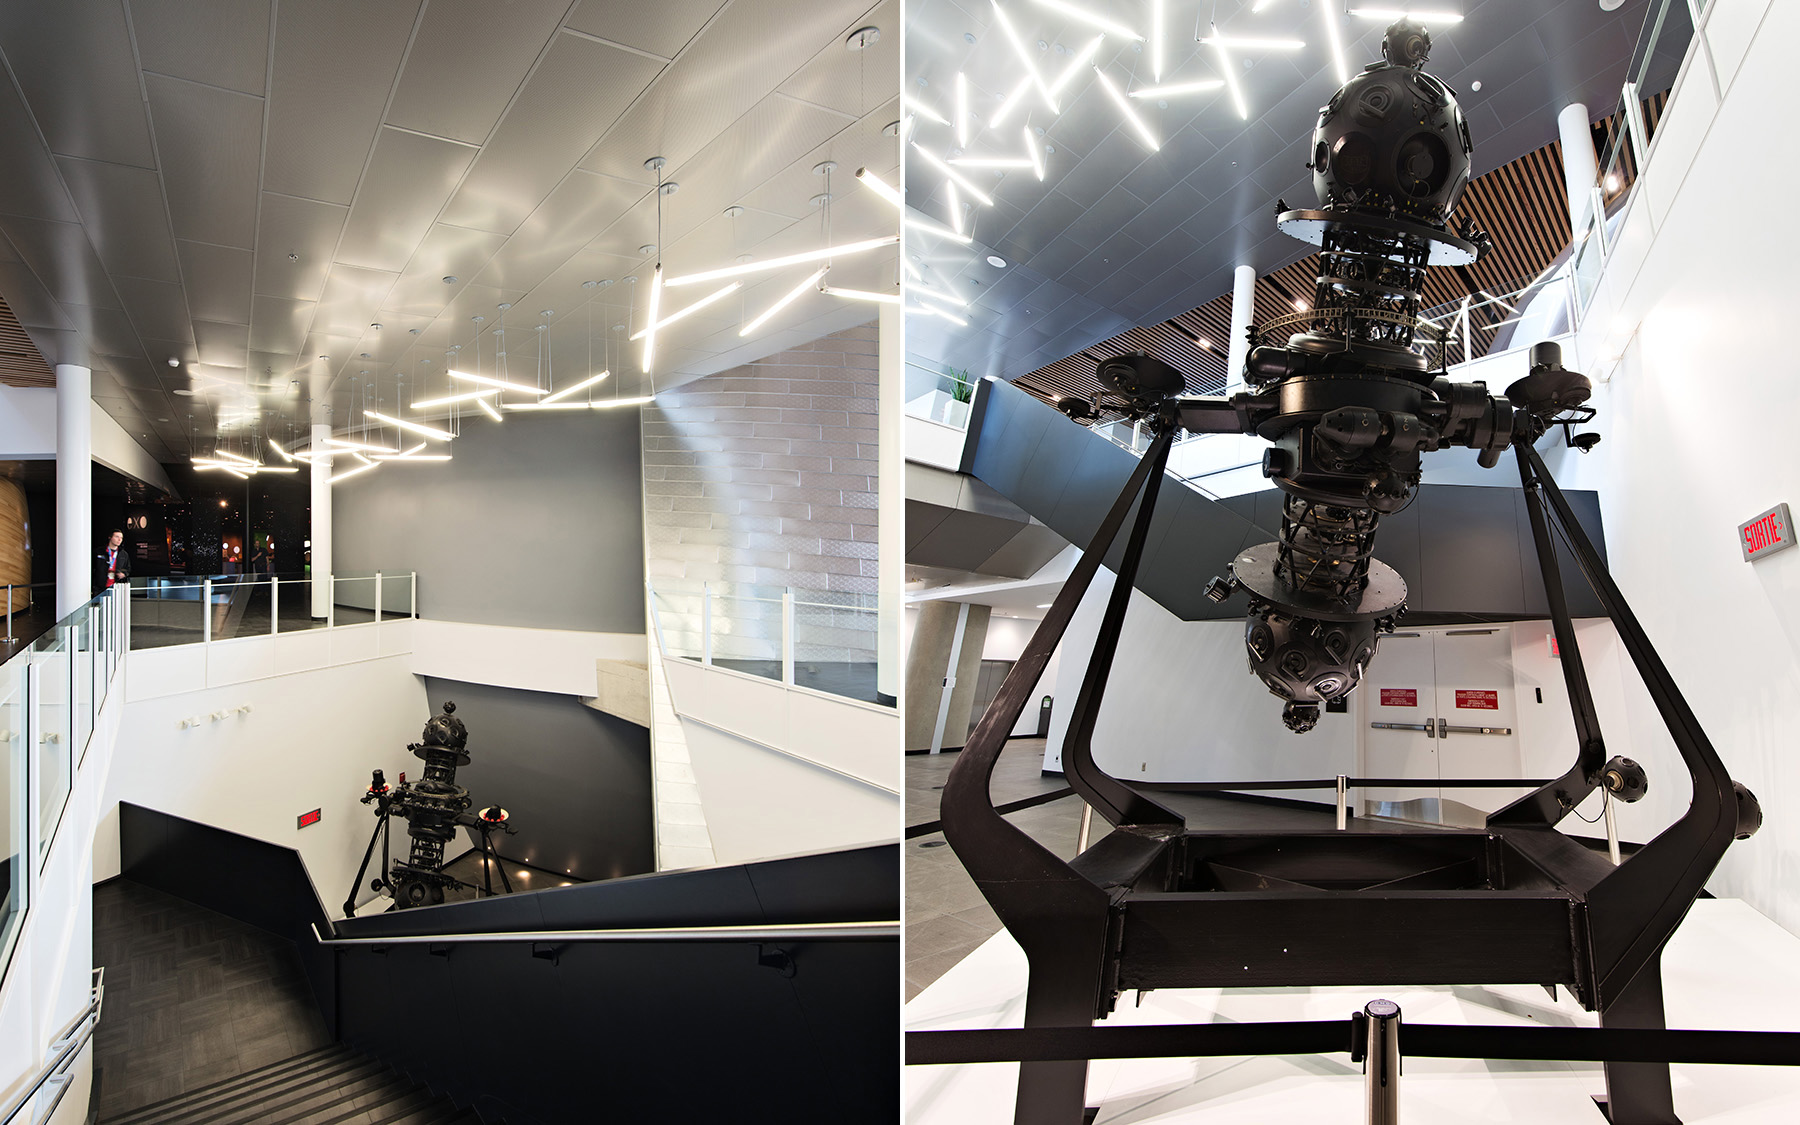 architectural-photography-montreal-planetarium-rio-tinto-alcan-005